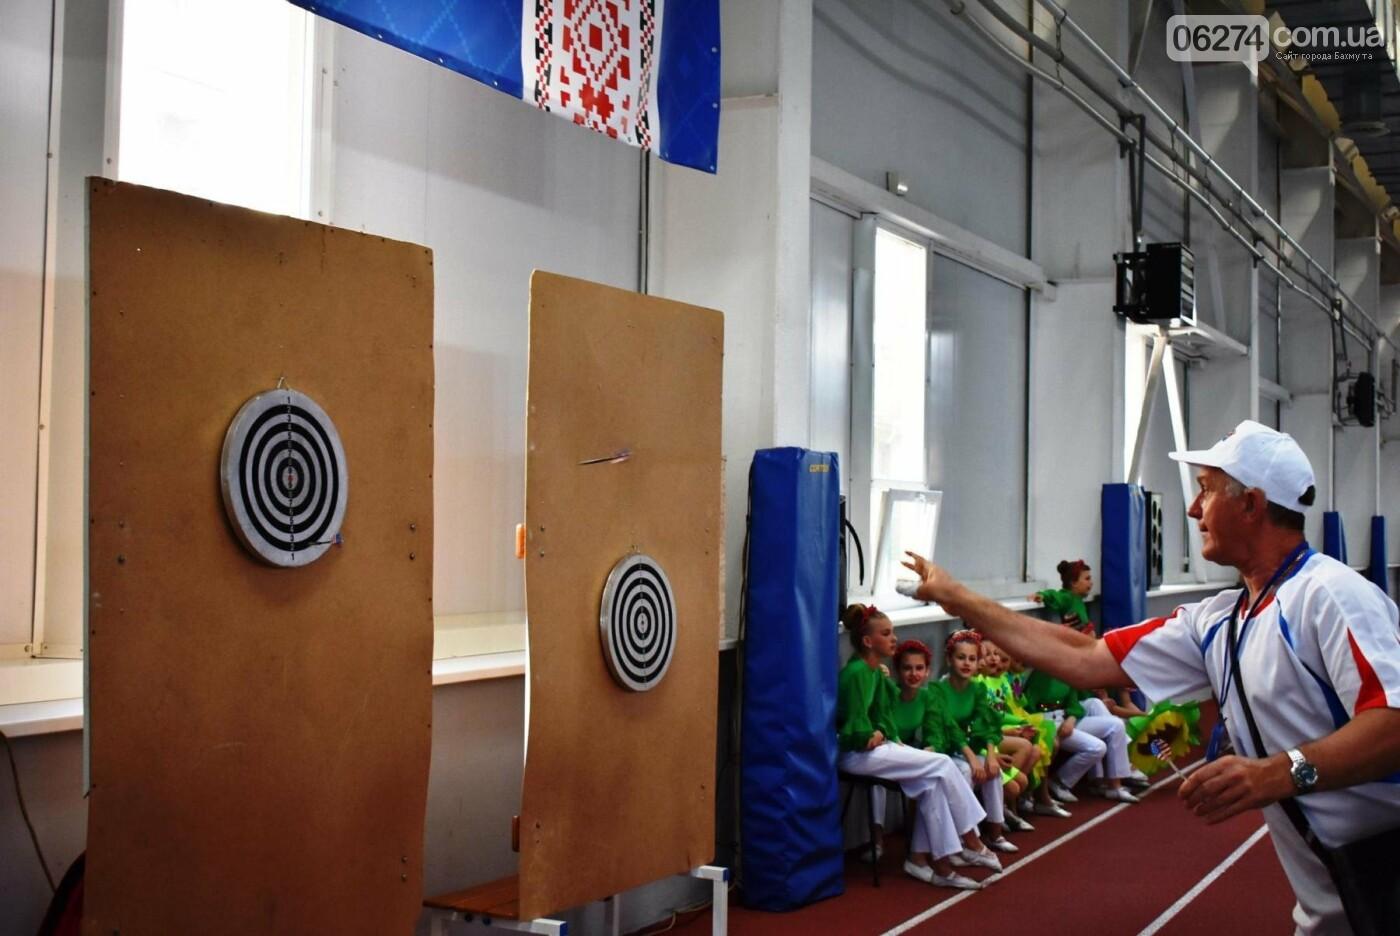 Бахмут четвертый раз принял всеукраинскую спартакиаду «Сила духа», фото-14